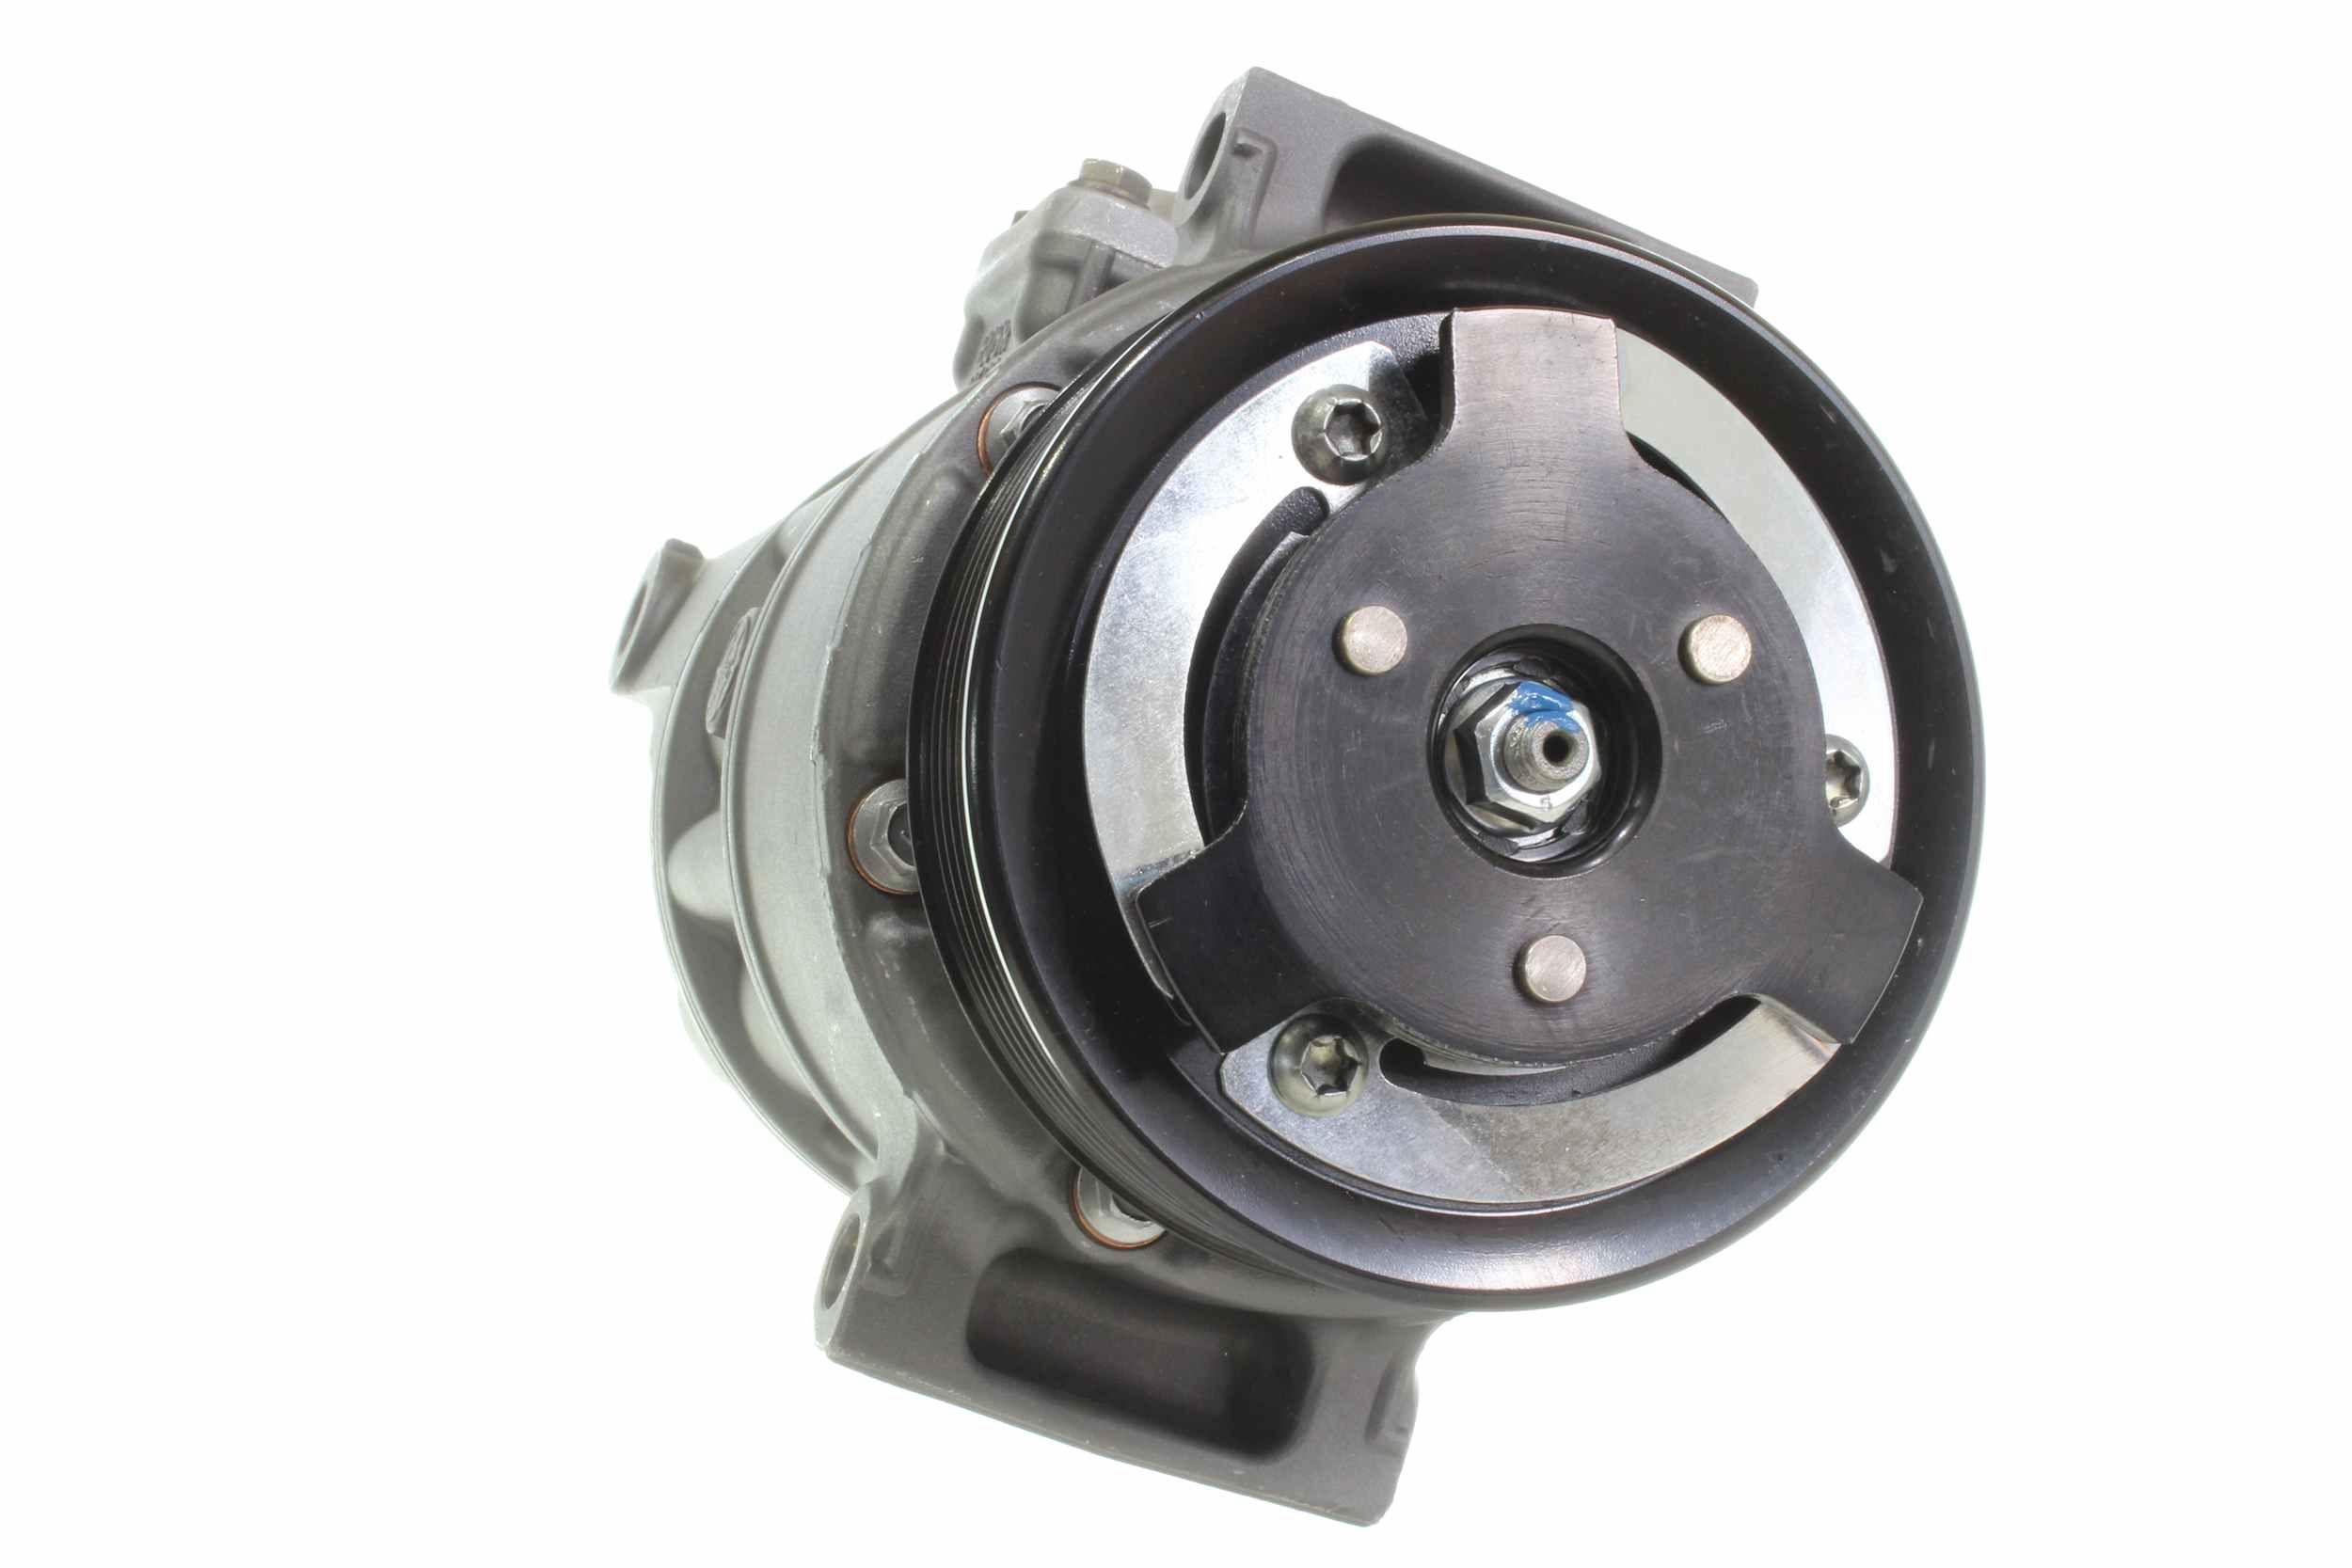 10550442 Kältemittelkompressor ALANKO Erfahrung